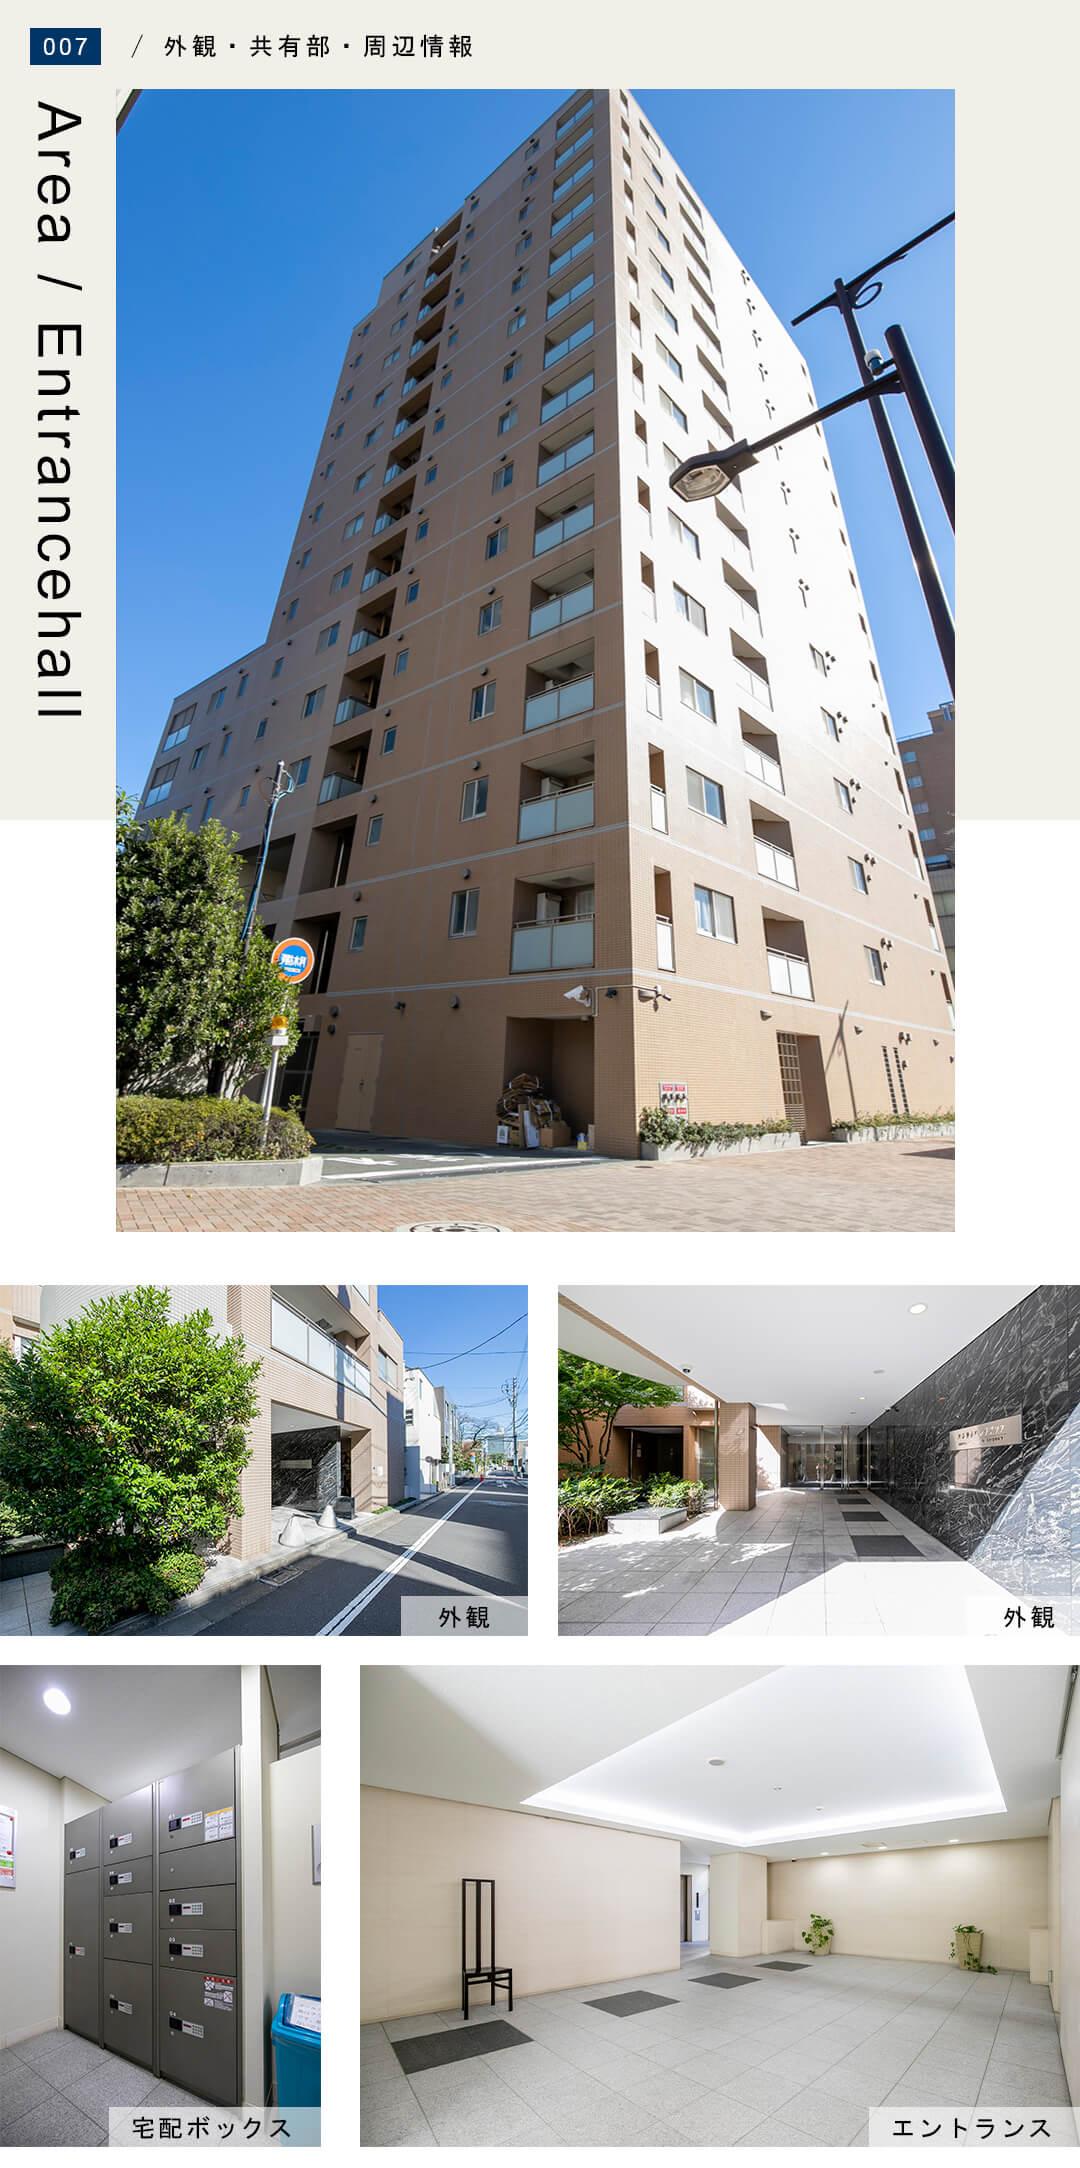 渋谷神山町レジデンスの外観と共用部